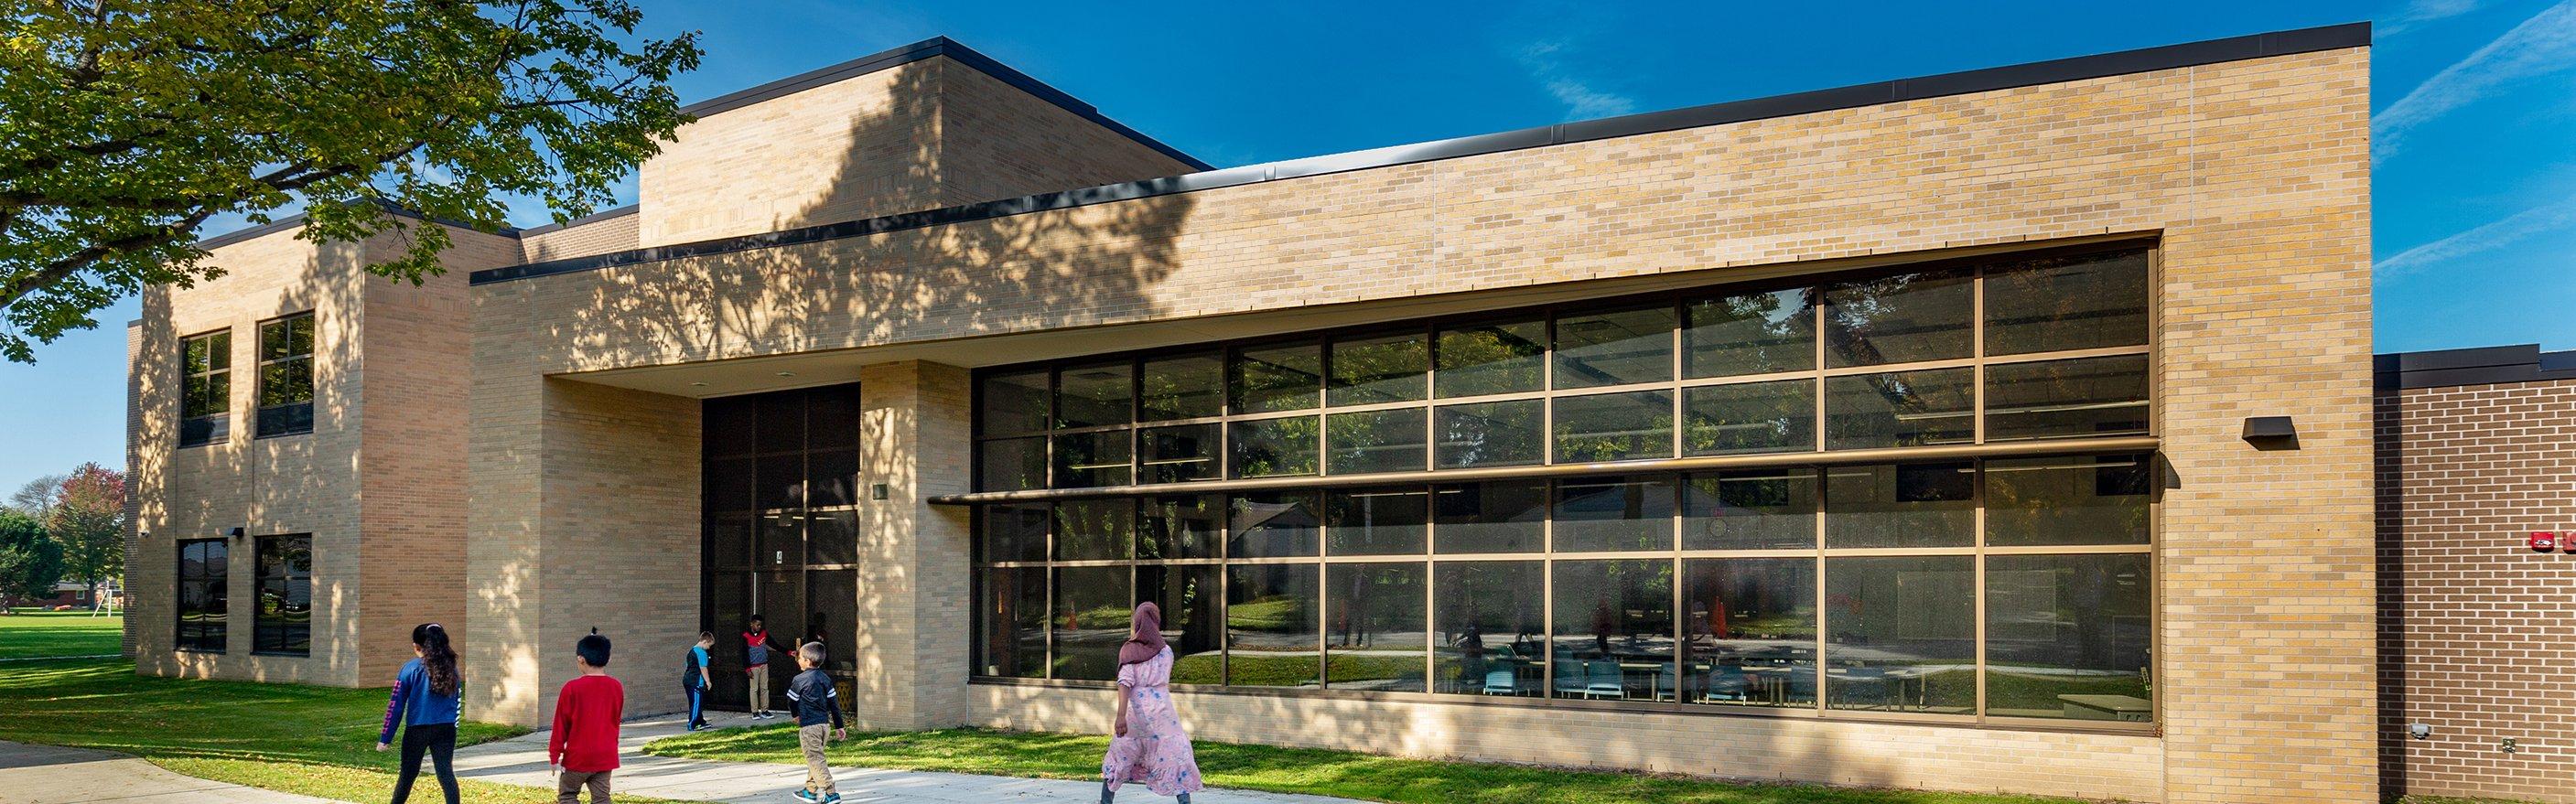 E_Eisenhower Elem_Community Entrance_BF_heading-1